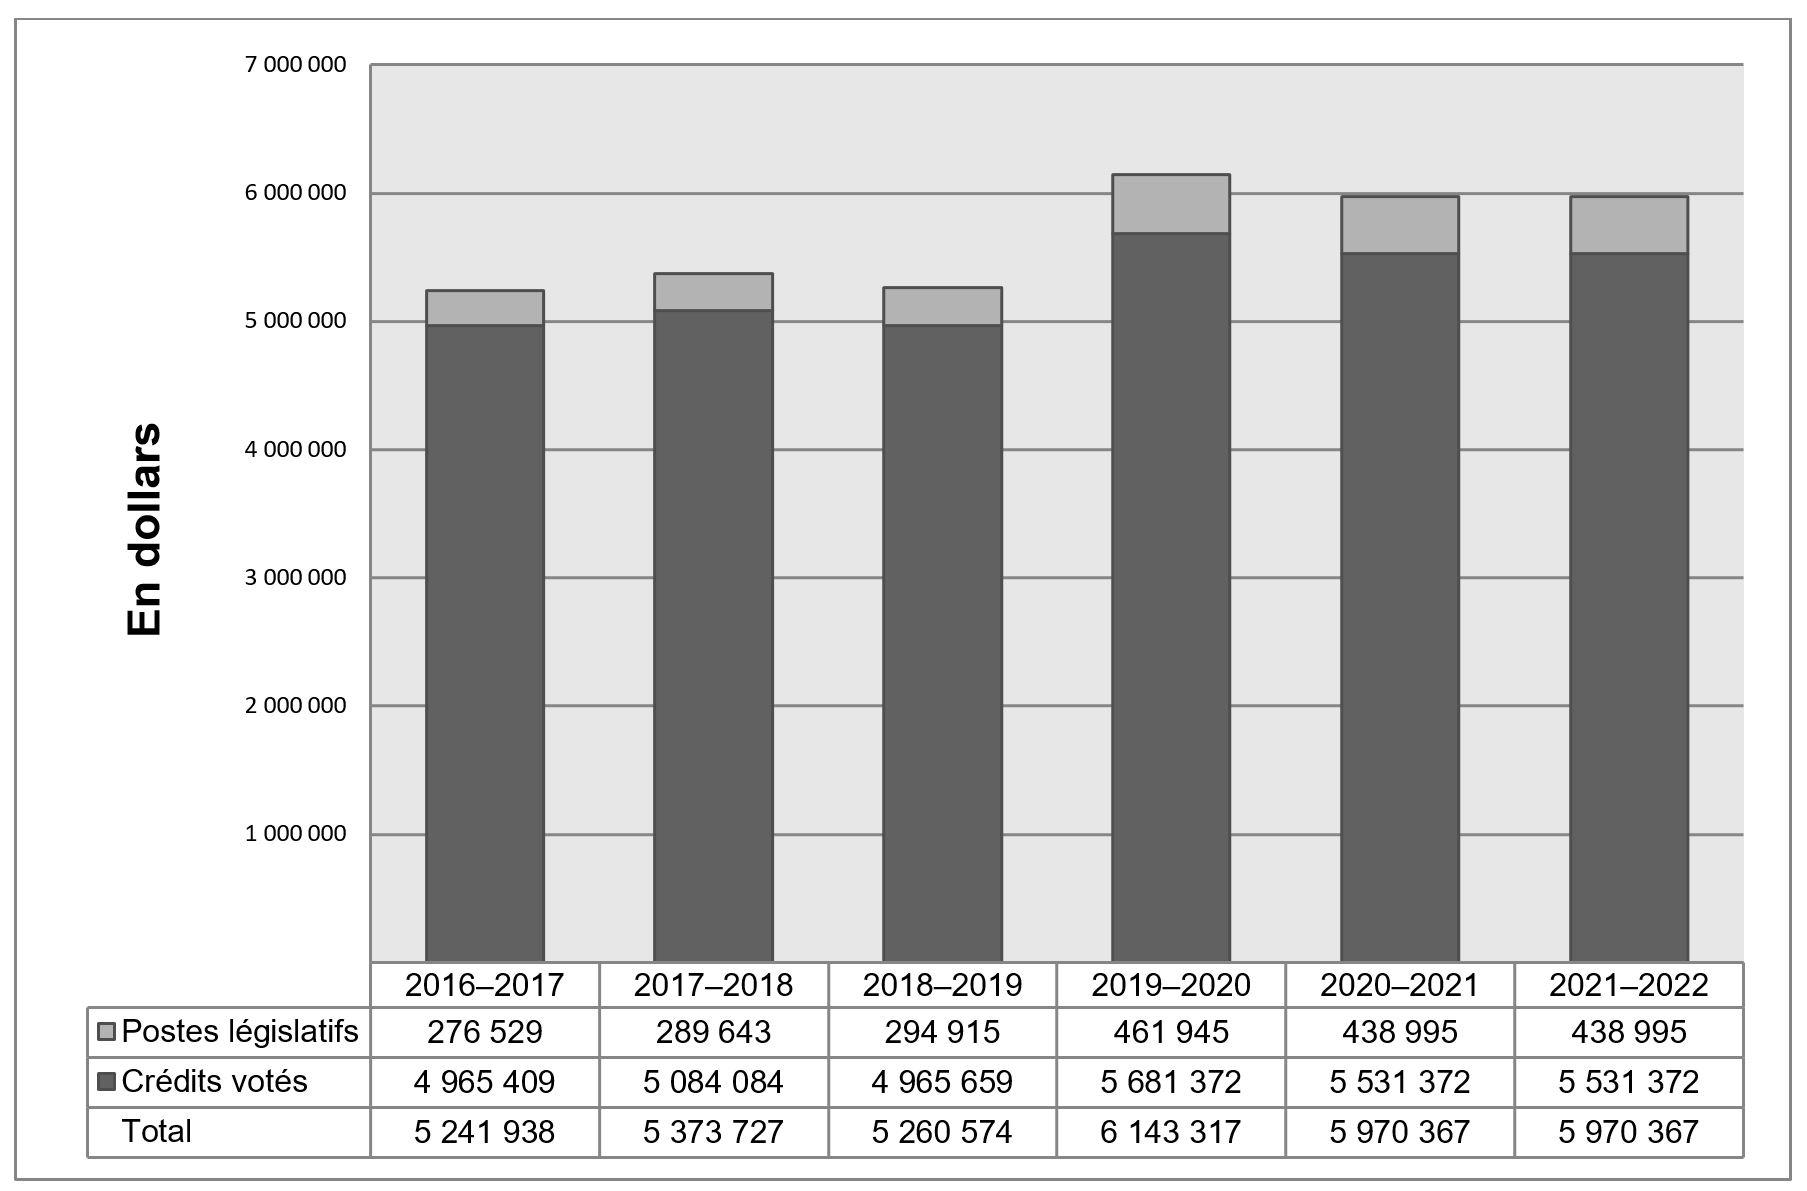 Graphique des tendances relatives aux dépenses du Ministère